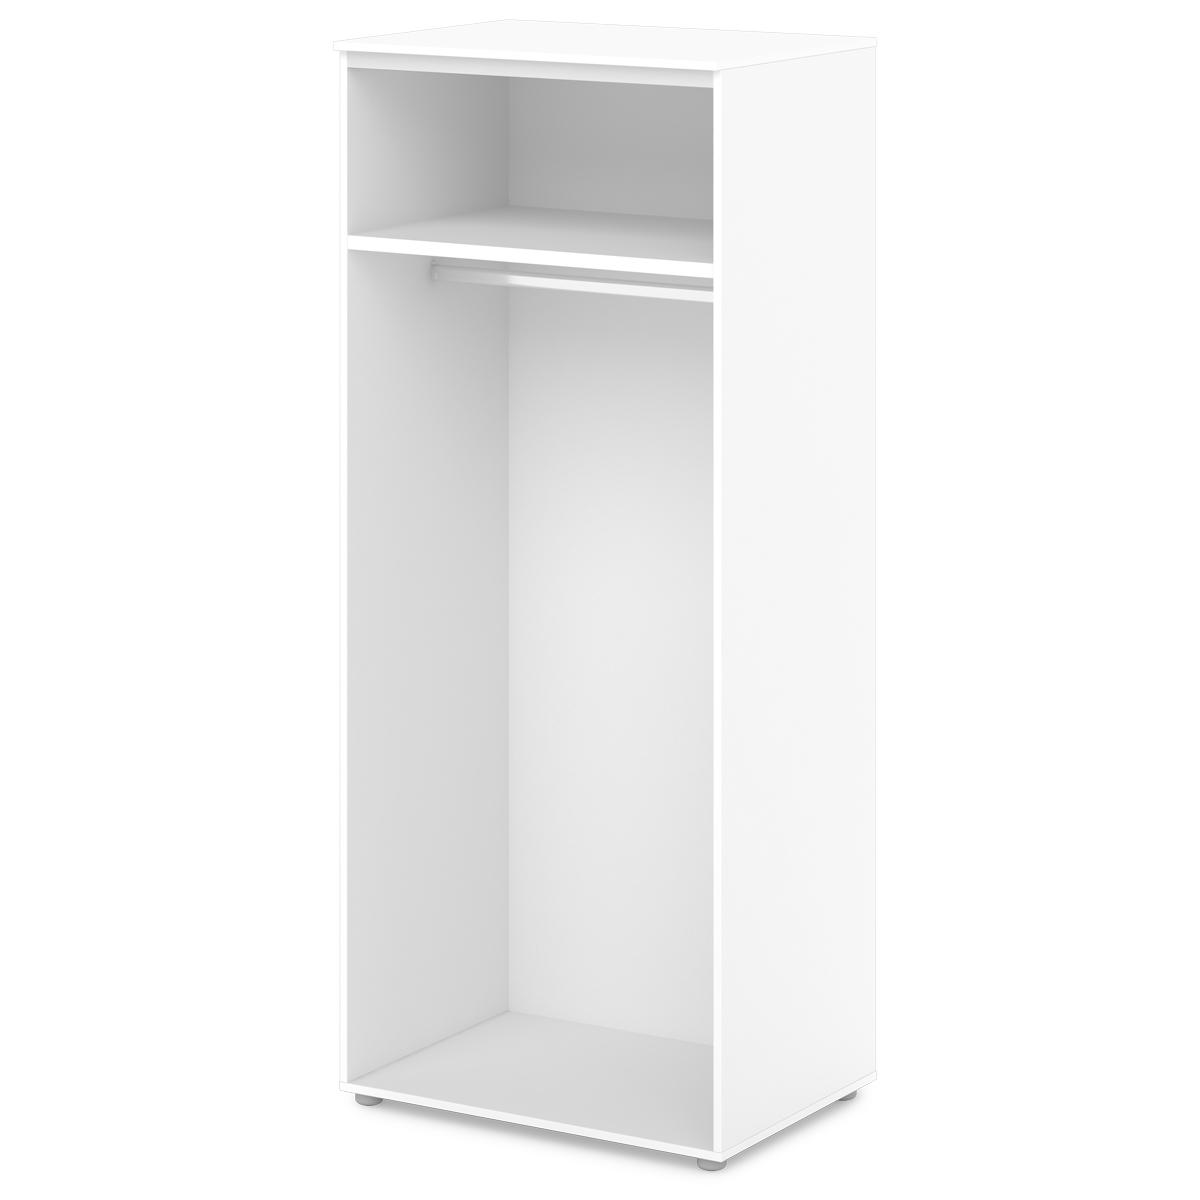 Каркас шкафа для одежды S-77 Sentida